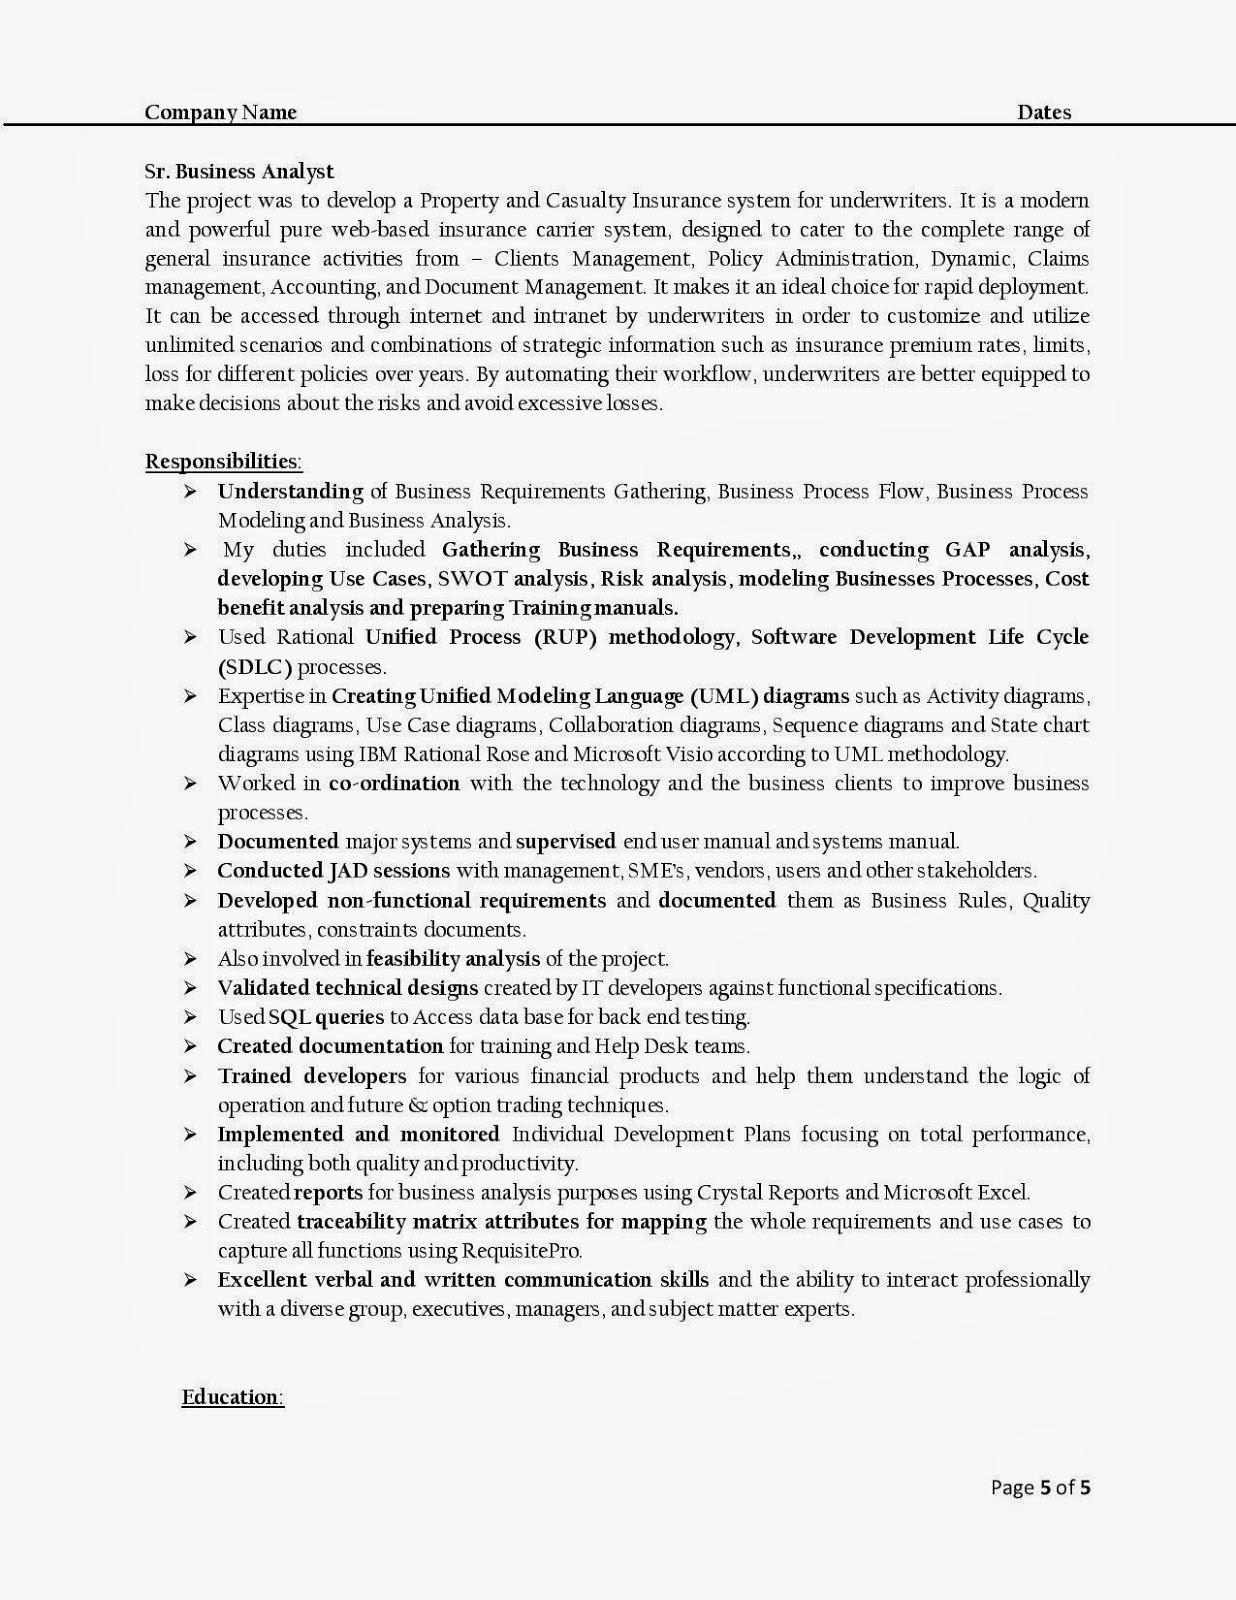 sample resume for h1b